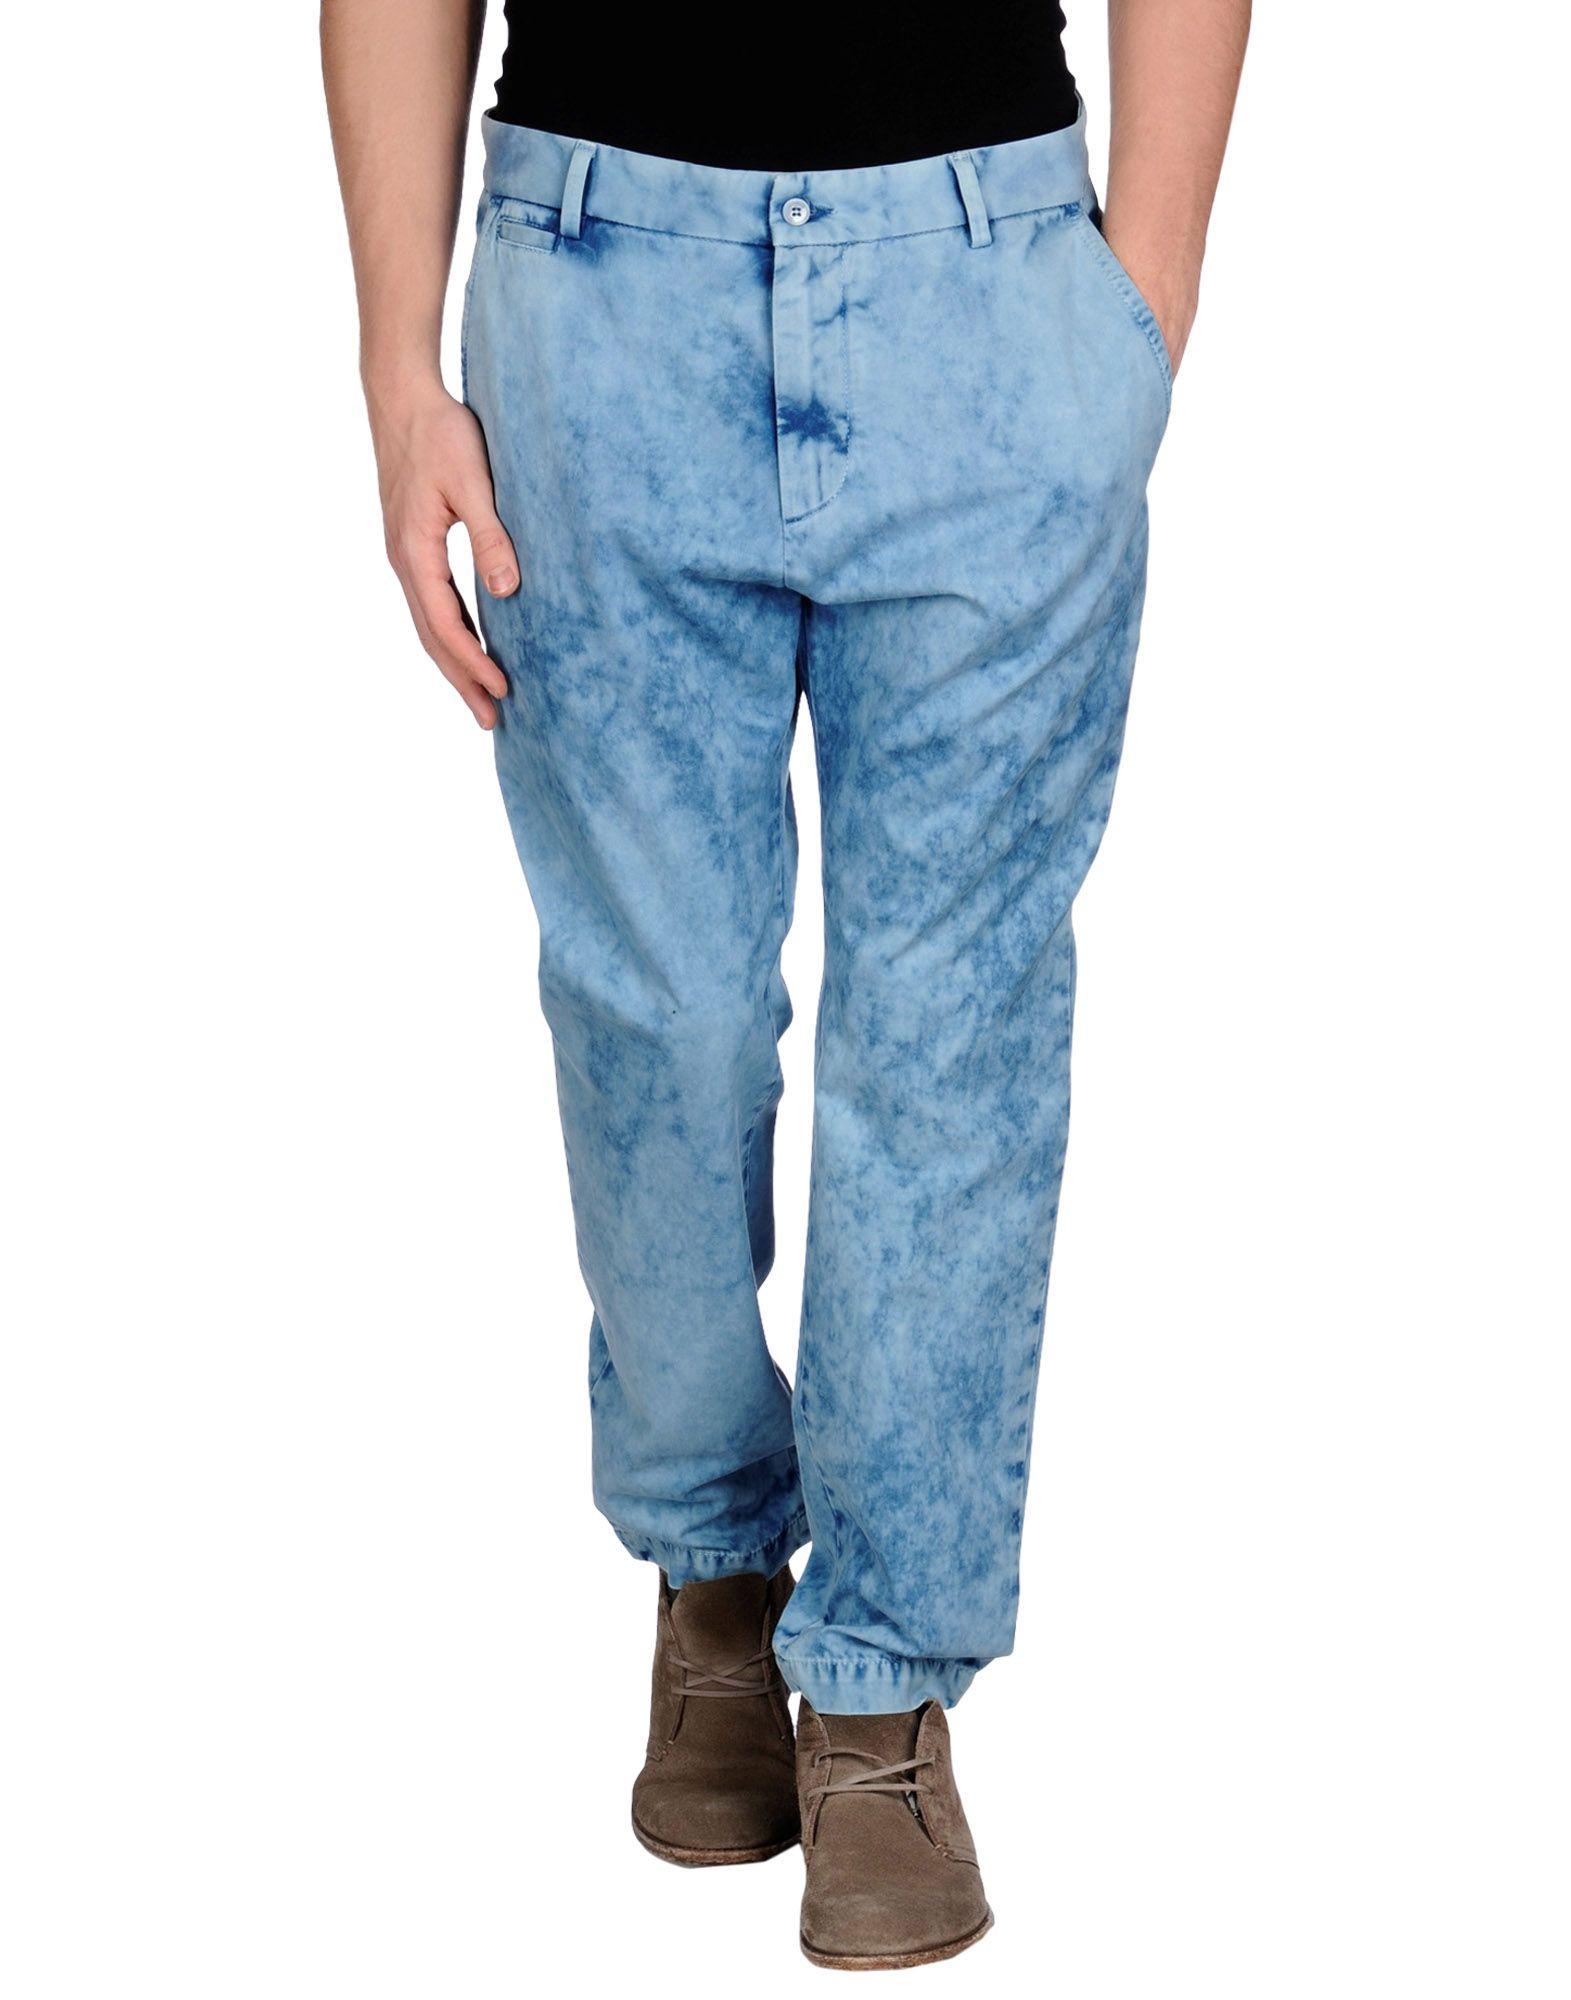 Повседневные брюки D&g  36615554QK цена 2016